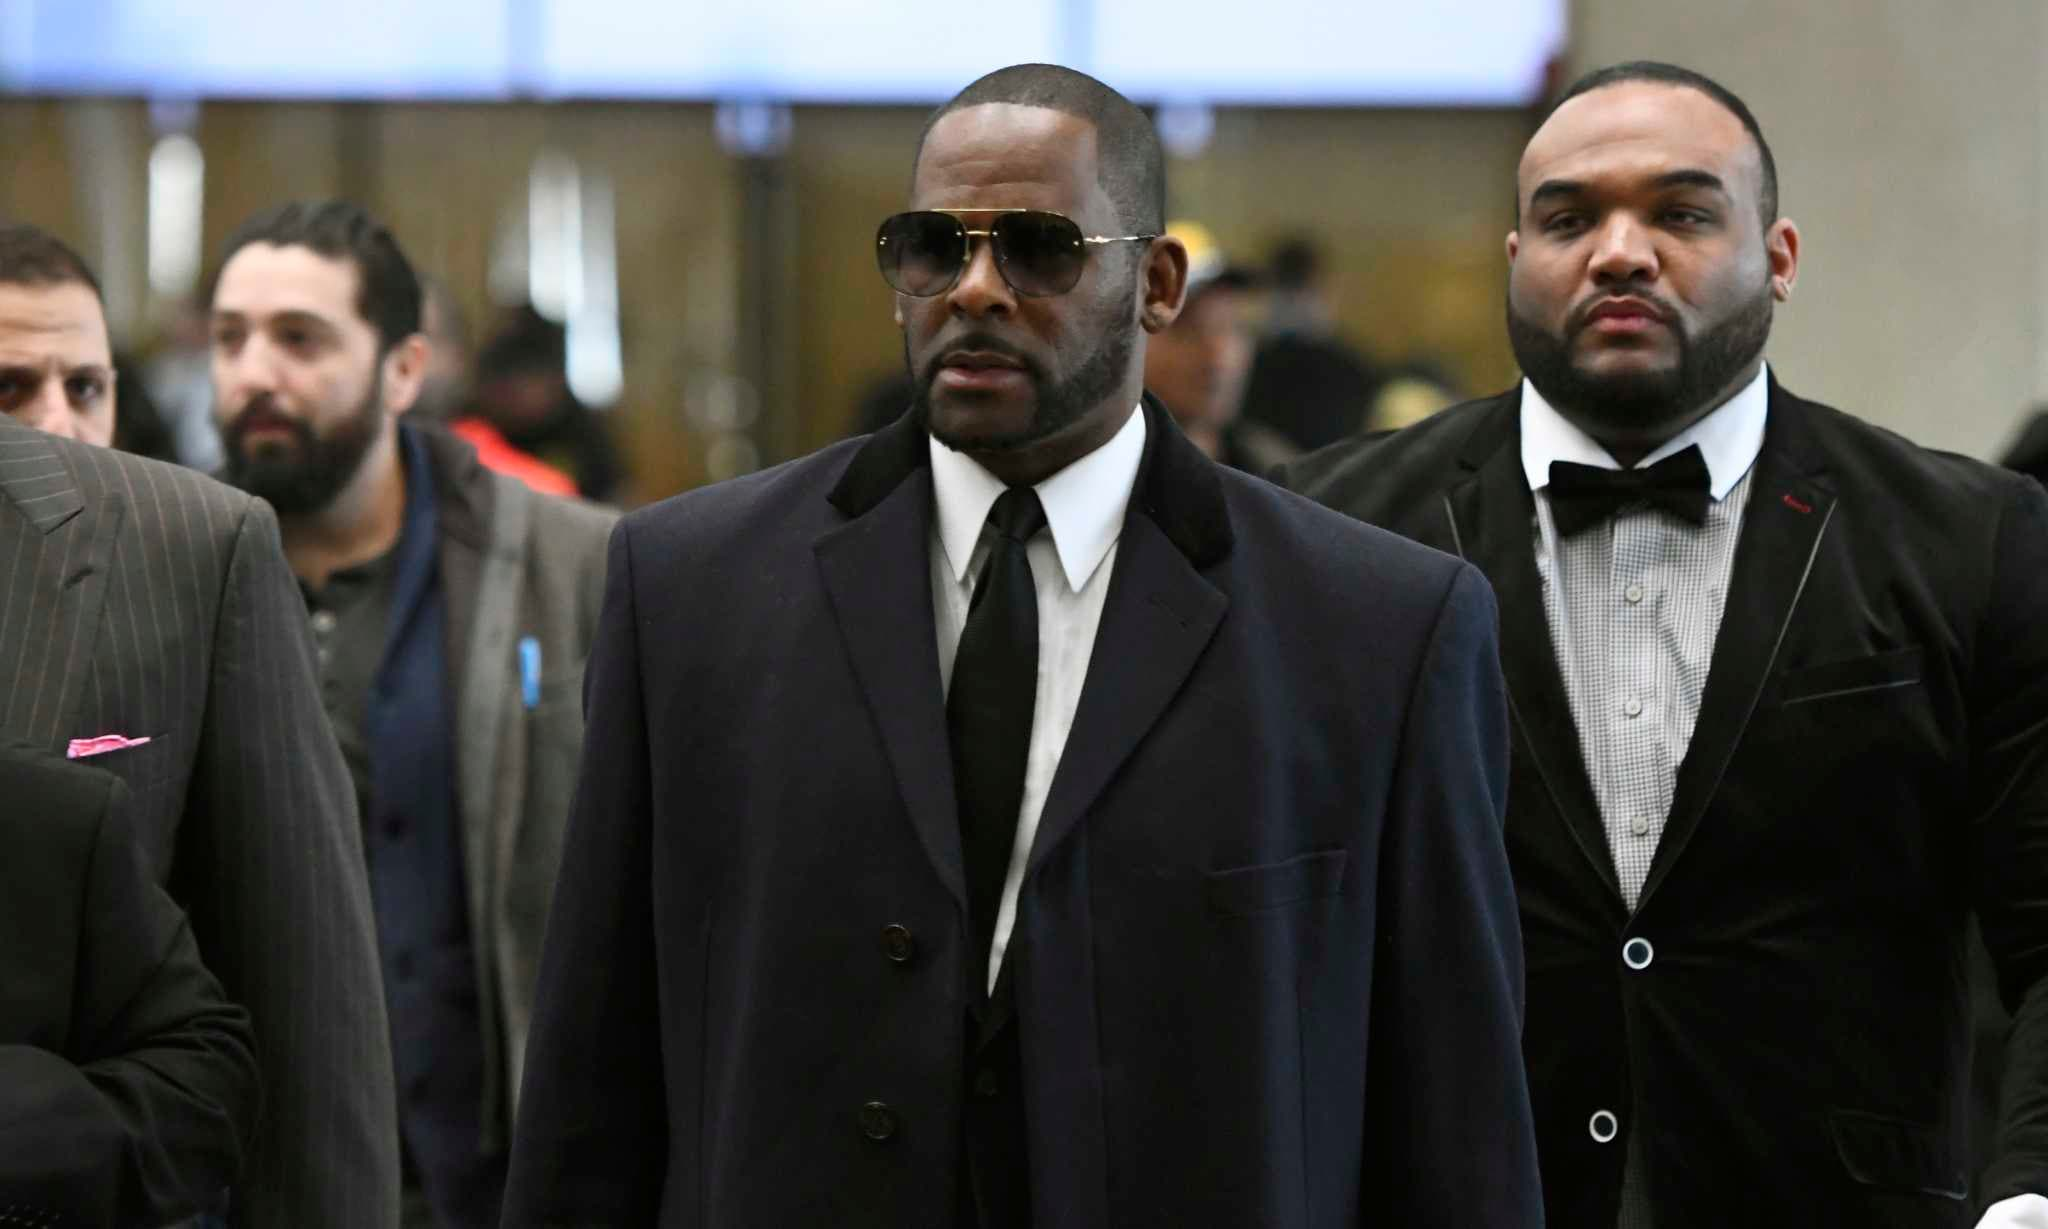 R. Kelly enfrenta 11 nuevos cargos sexuales en Chicago